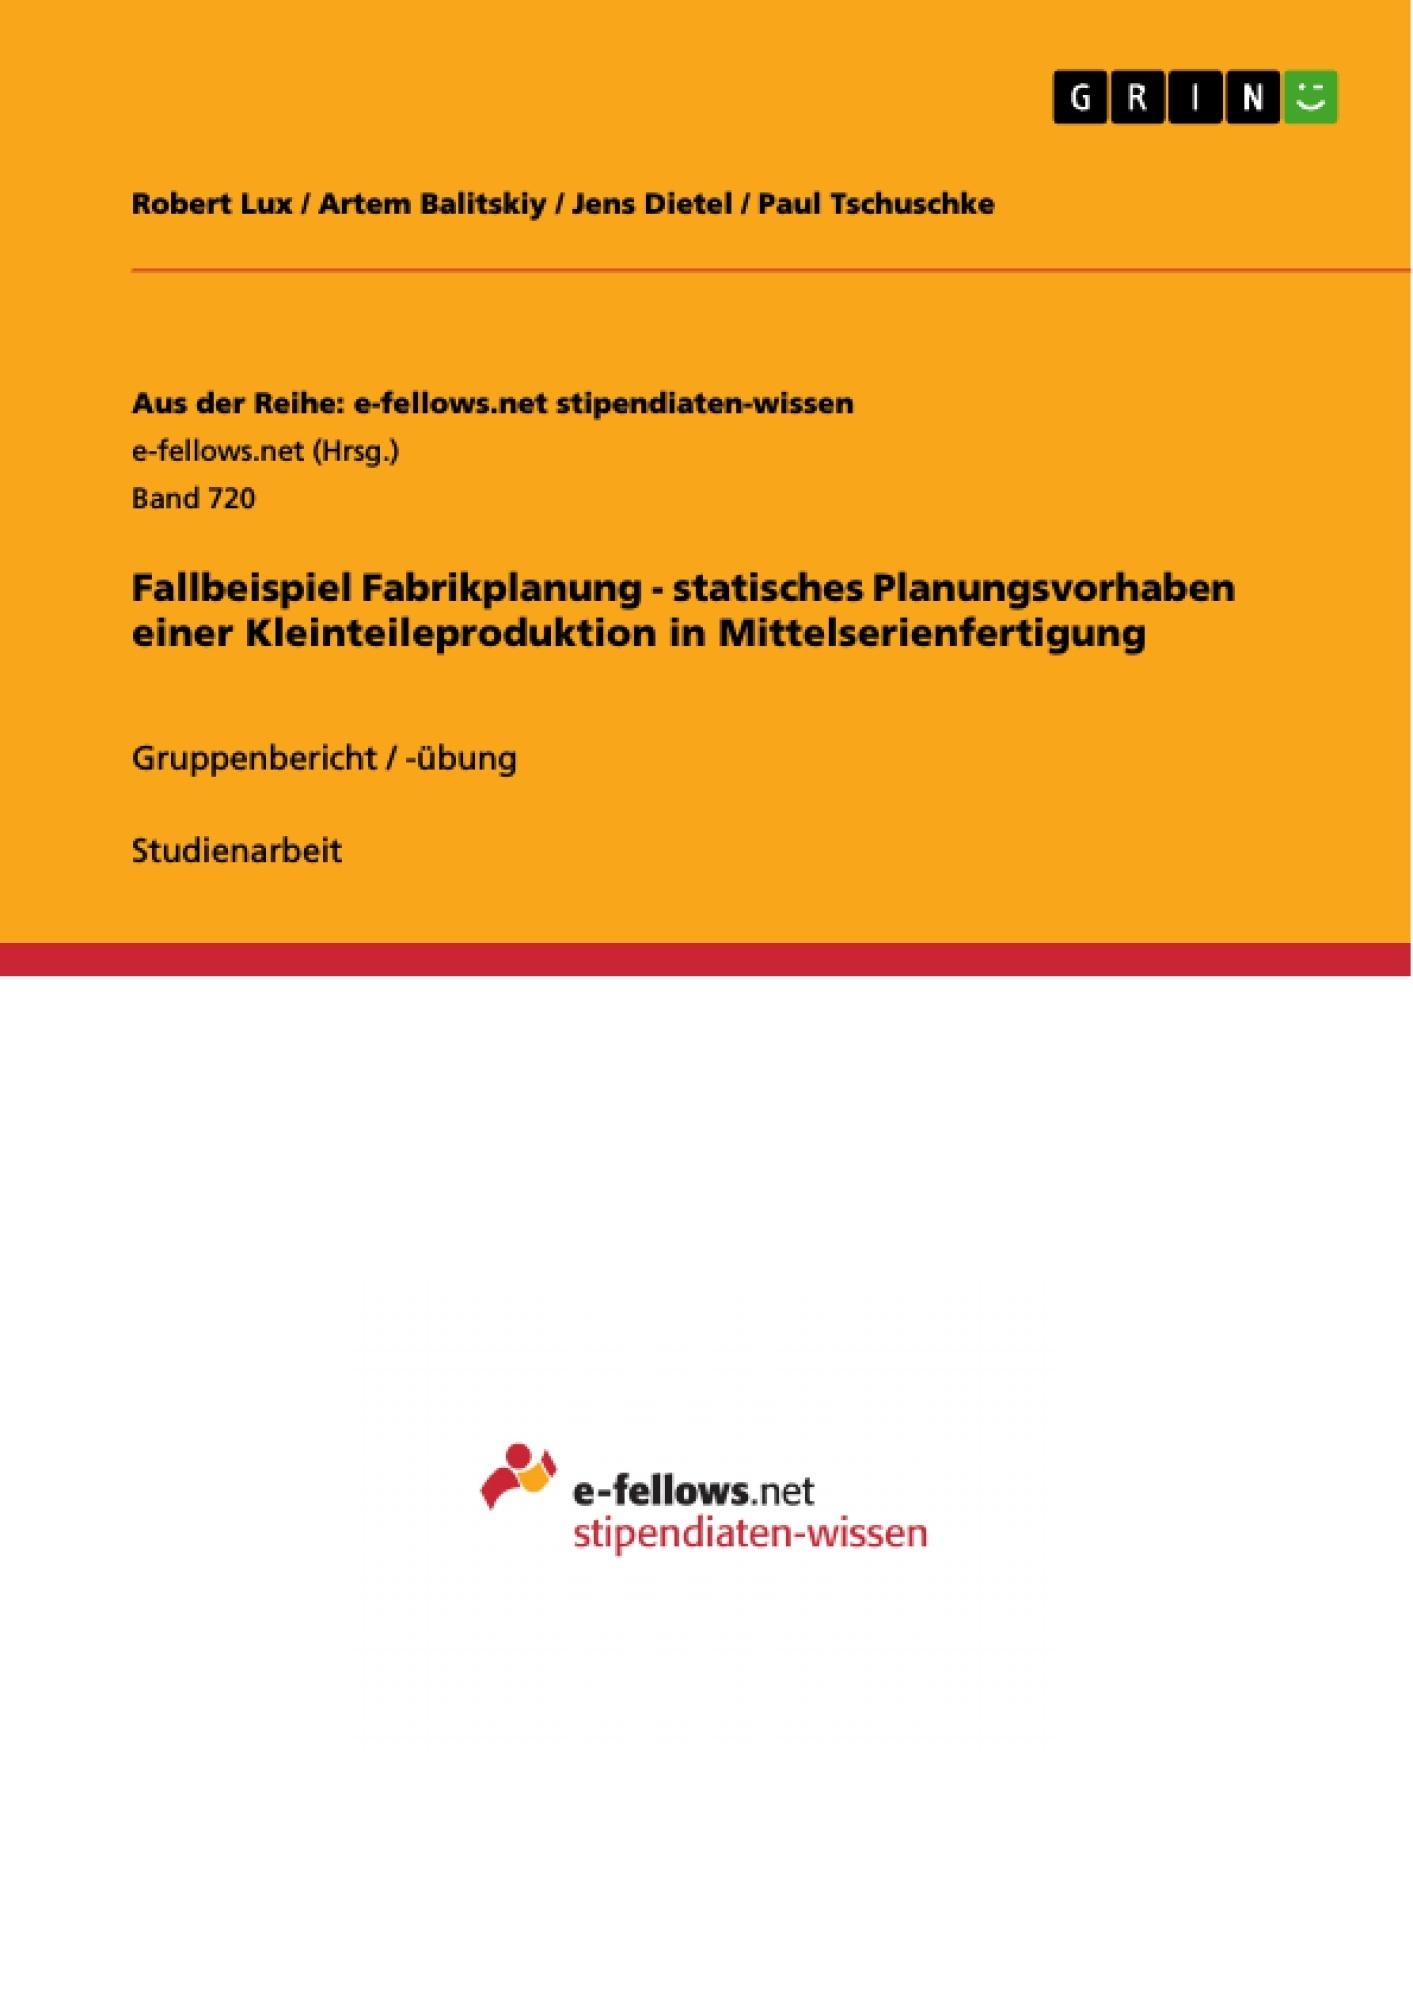 Titel: Fallbeispiel Fabrikplanung - statisches Planungsvorhaben einer Kleinteileproduktion in Mittelserienfertigung